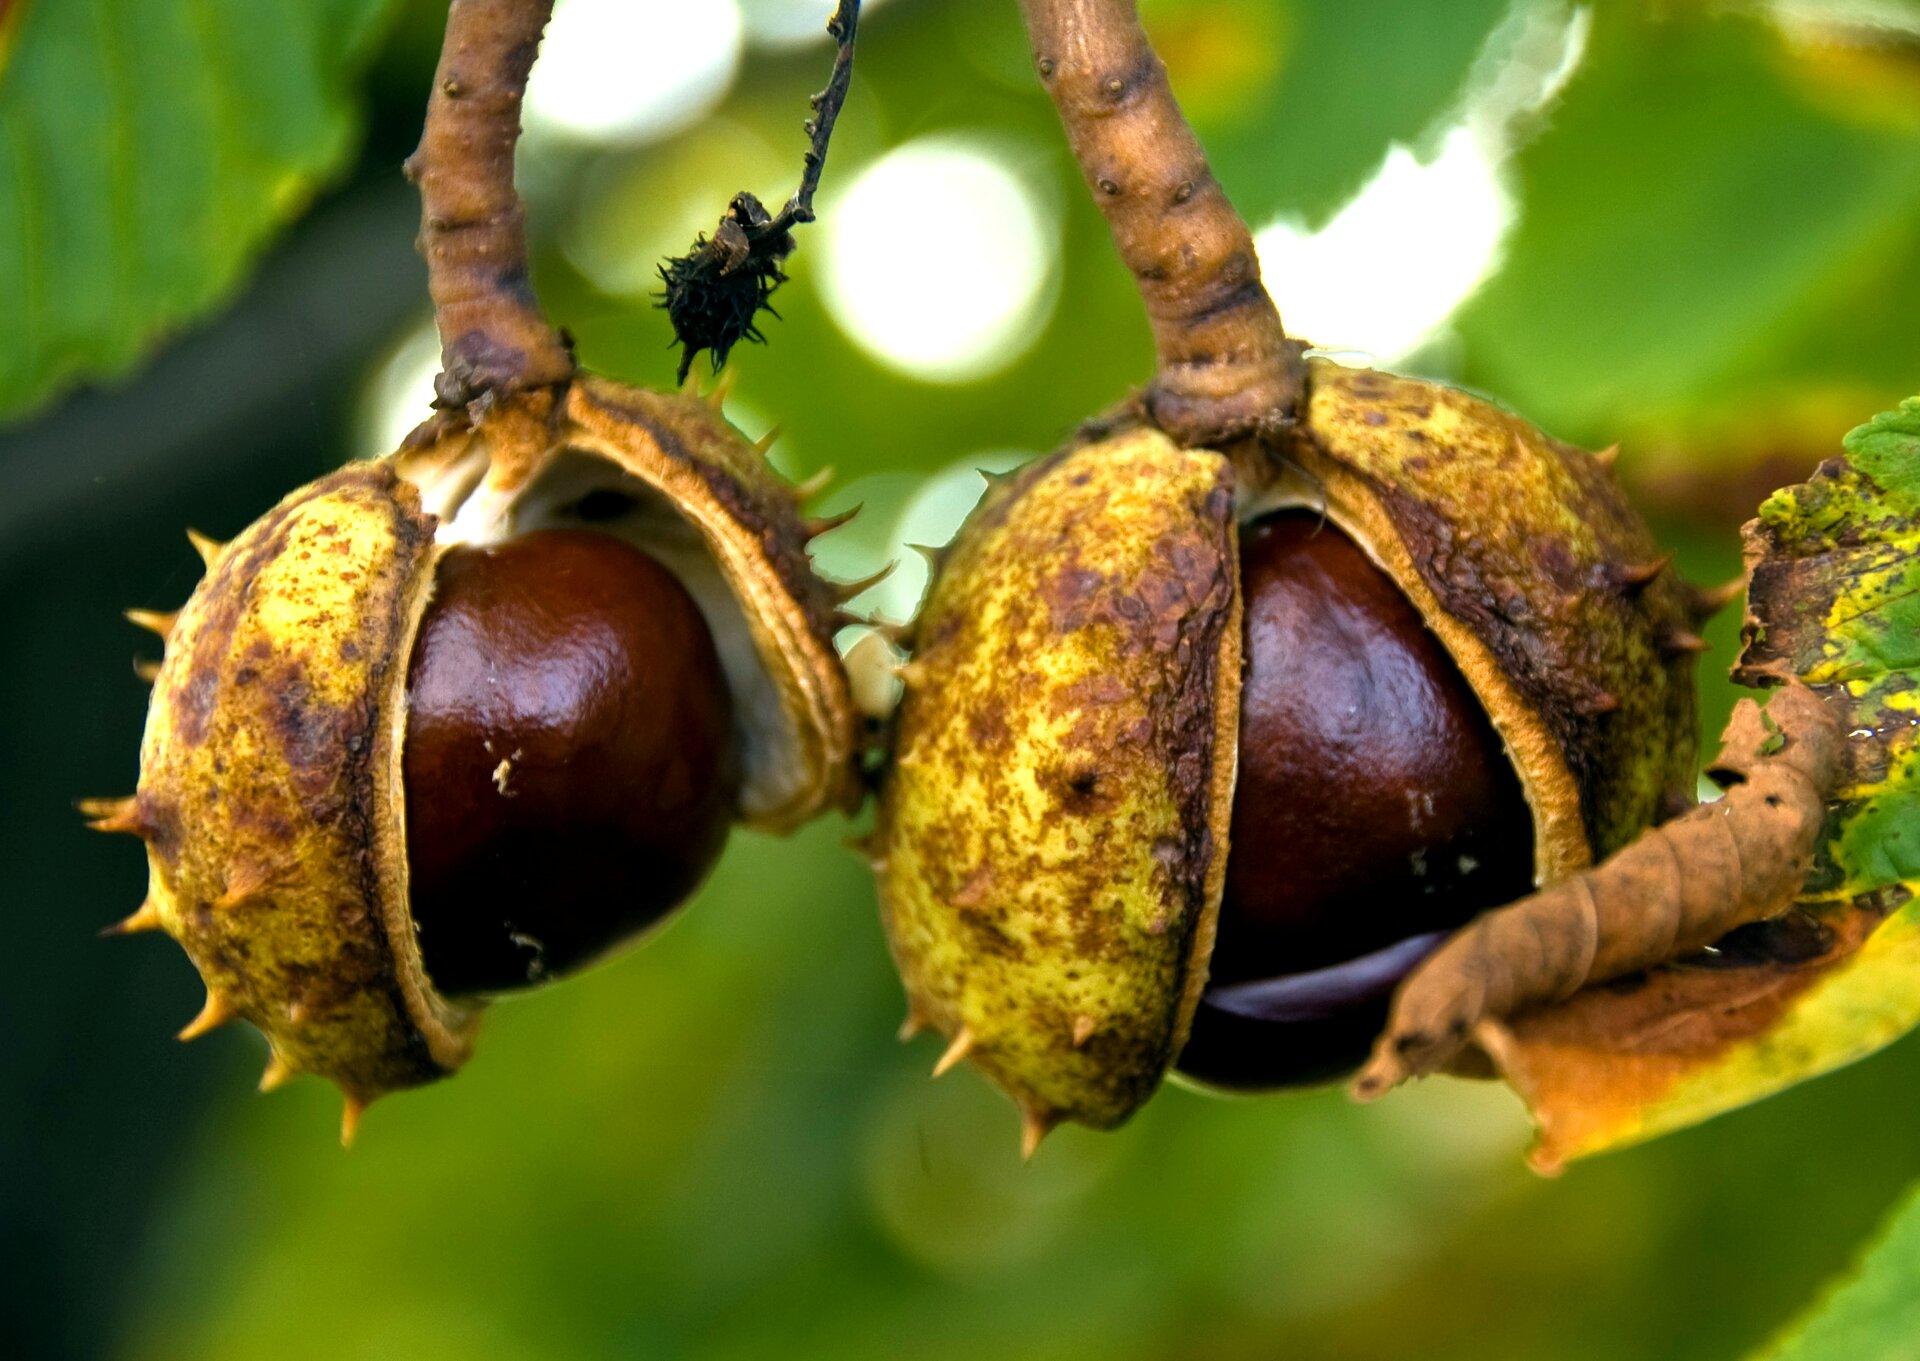 Zdjęcie przedstawia drzewo kasztanowca jesienią. Liście są żółte, brązowe izielone. Wcentralnej części zdjęcia znajdują się cztery owoce kasztanowca. Wiszące na gałęzi cztery owoce to kasztany. Kasztany to kulki ośrednicy około trzech centymetrów. Na zewnątrz pokryte są grubą łupiną. Na łupinie są liczne kolce. Kolce mają długość około pięć milimetrów. Łupina jest żółtozielona ipęknięta wzdłuż. Wmiejscu pęknięcia widoczny jest brązowy kulisty owoc zajmujący całe wnętrze wewnątrz łupiny.